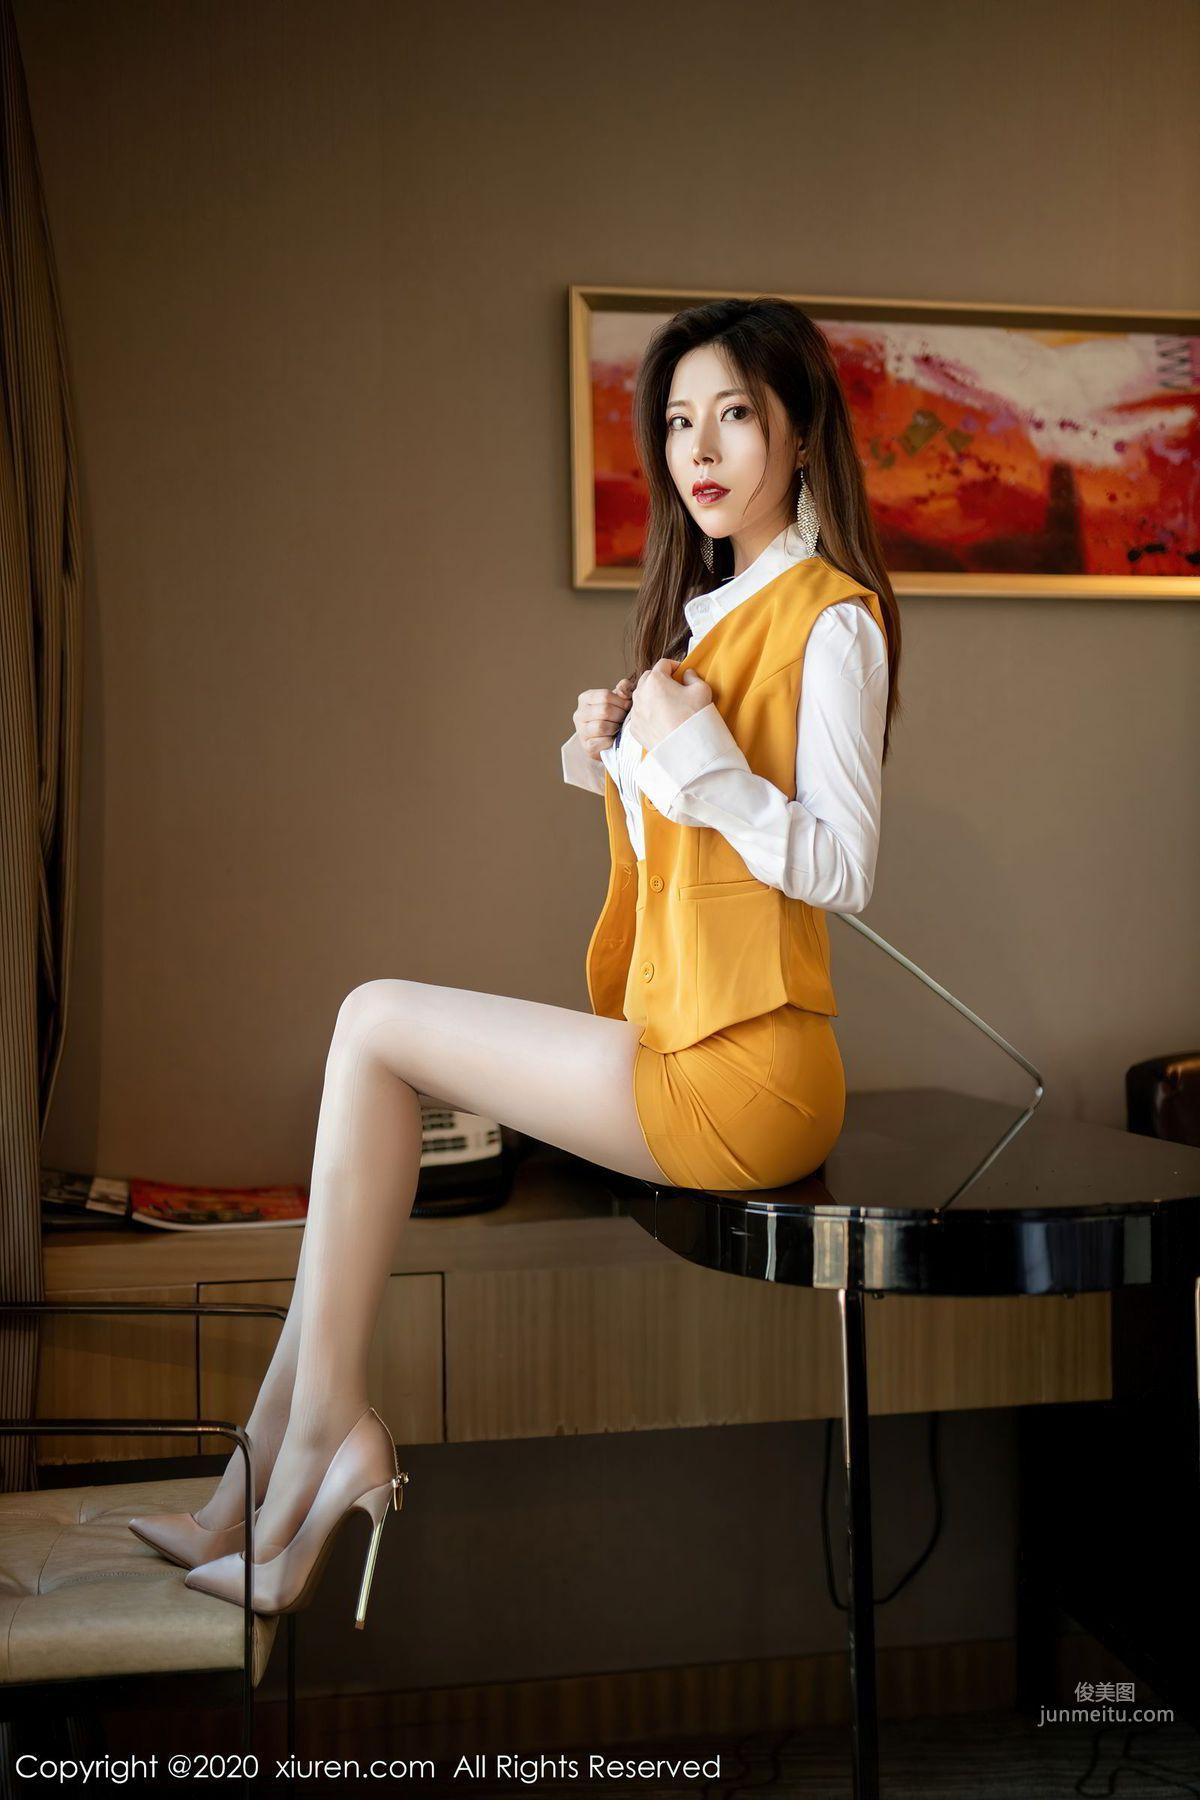 [XiuRen] 2020.12.02 No.2850 白茹雪Abby_0